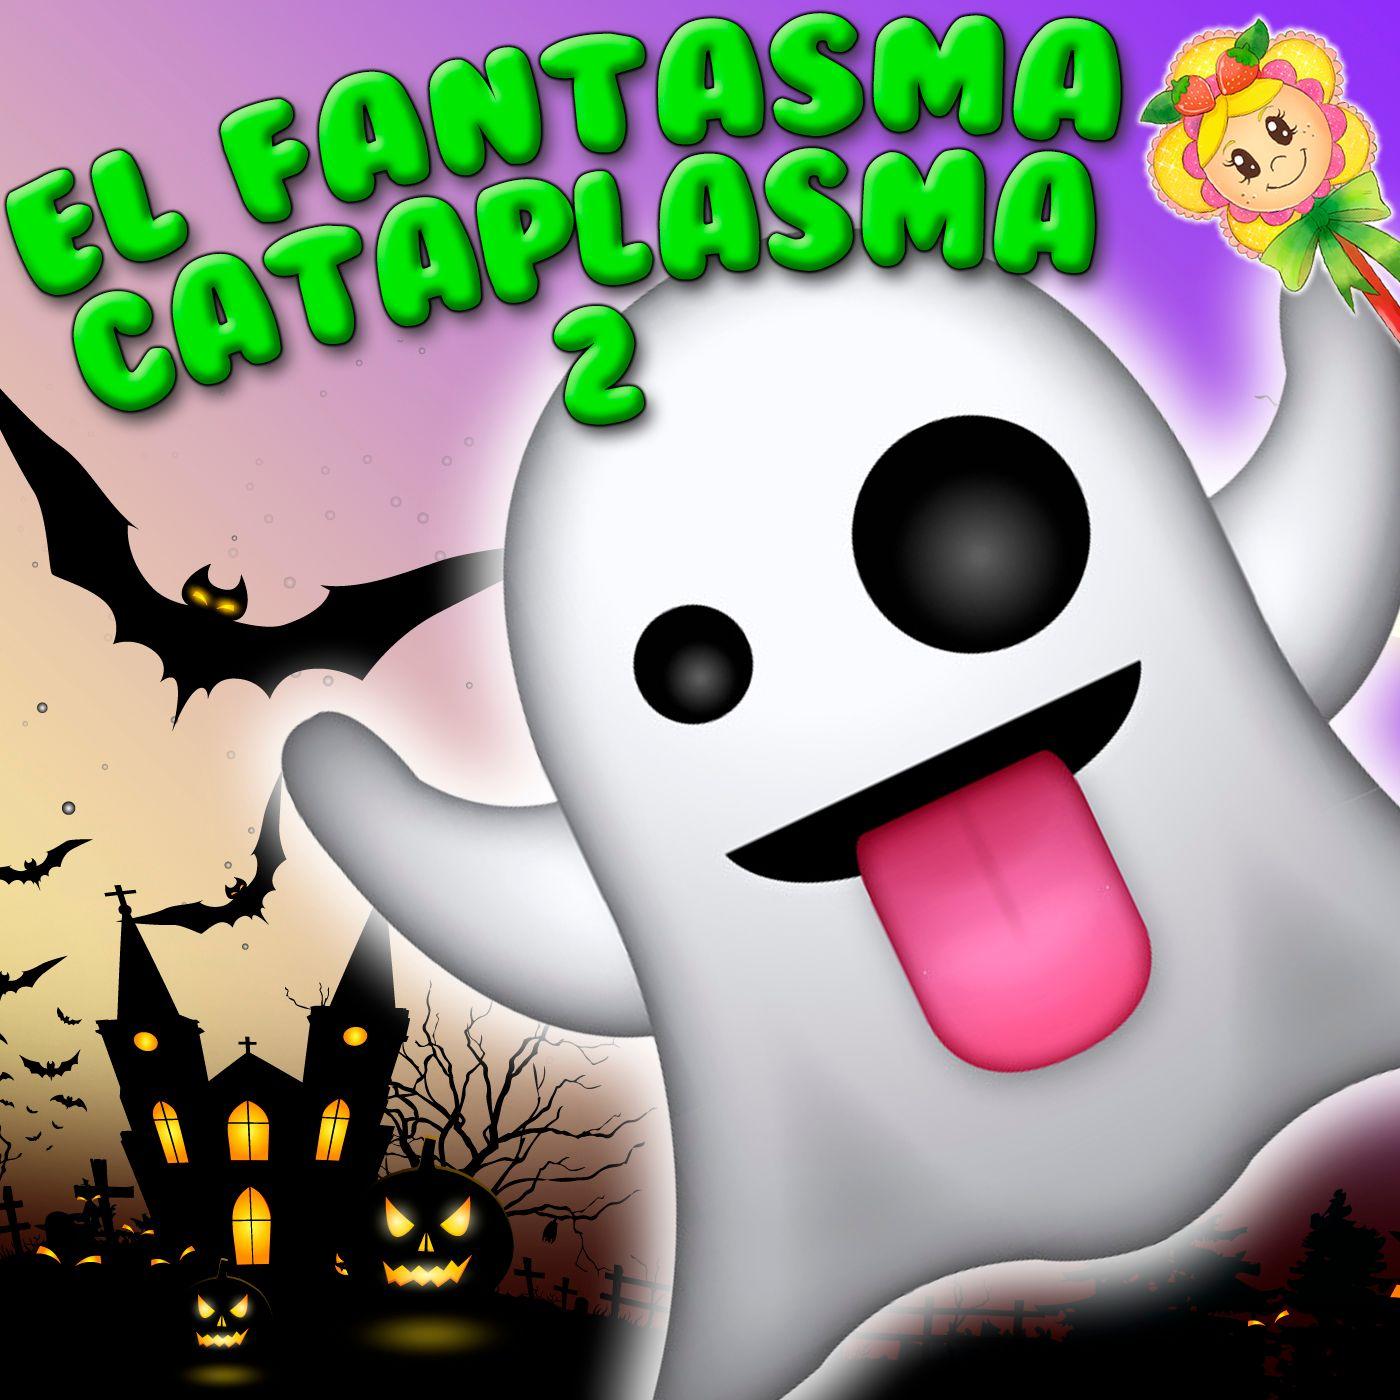 74. El fantasma Cataplasma. El fantasma que tenia miedo de las brujas. Cuento infantil de Hada de Fresa para Halloween